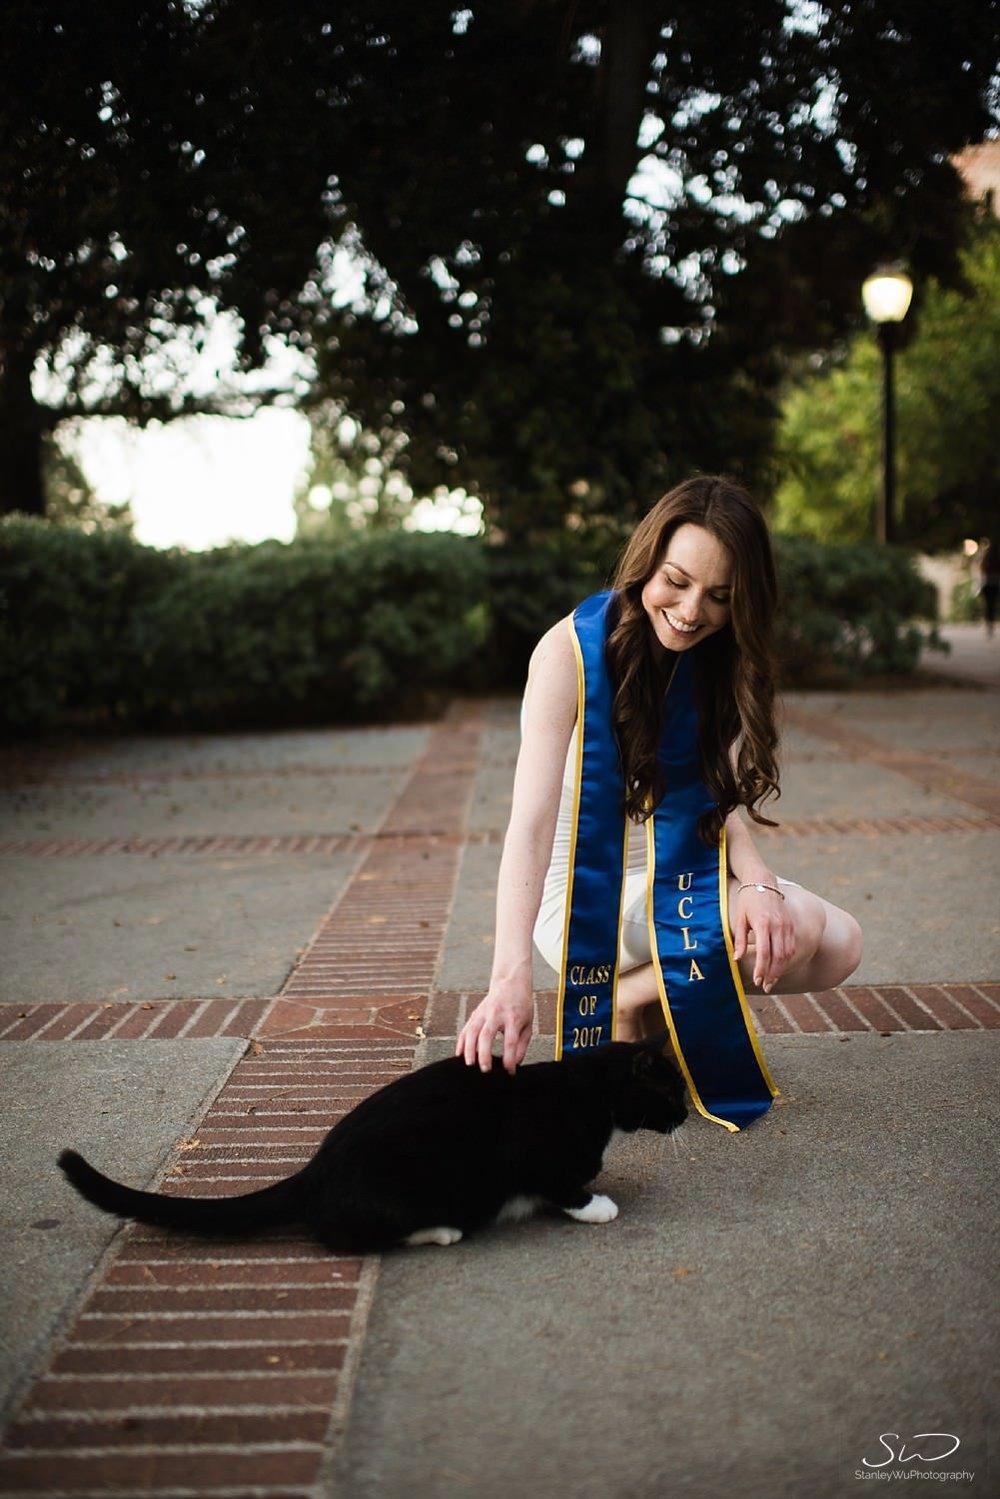 los-angeles-ucla-senior-graduation-portraits_0021.jpg